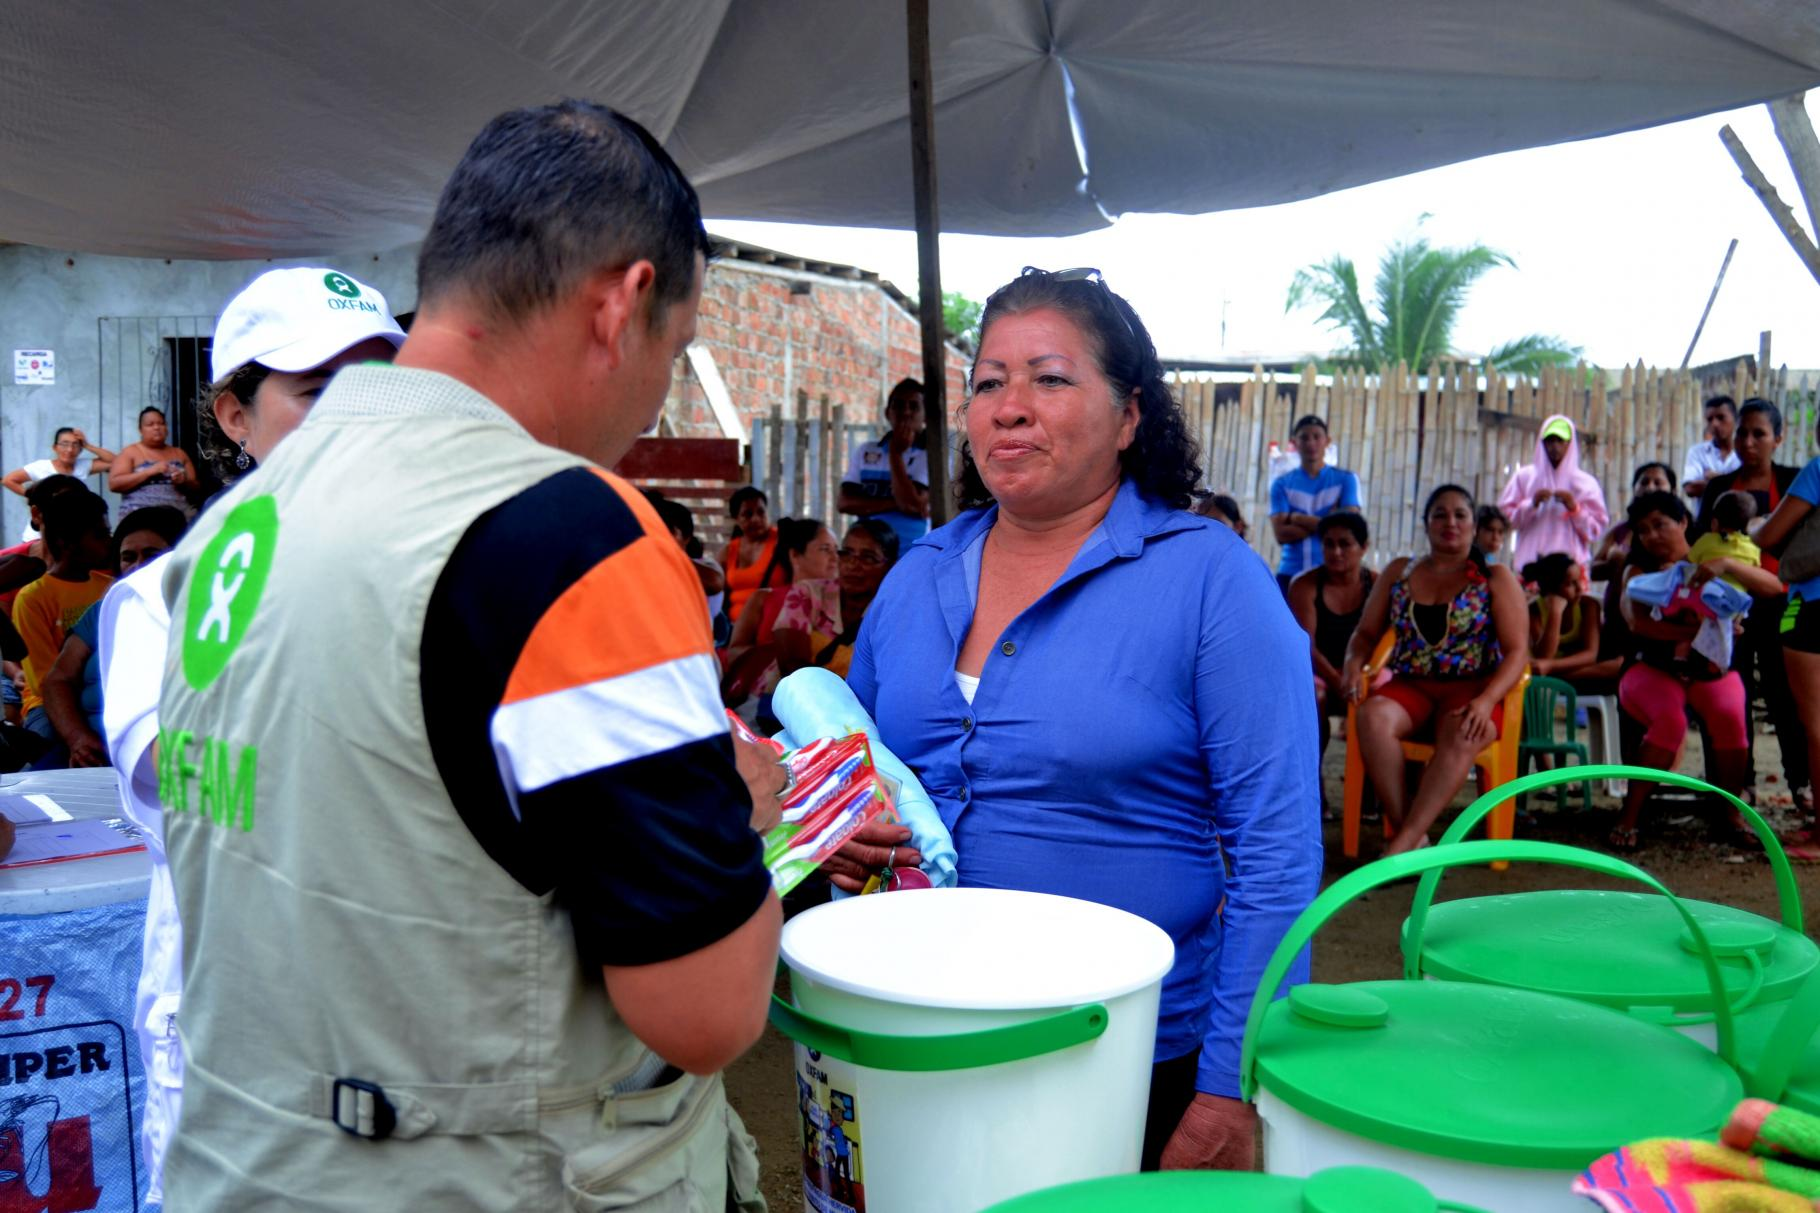 An einer Verteilstation für Wassereimer und Hygiene-Artikel ist ein Oxfam-Mitarbeiter im Gespräch mit einer Frau.